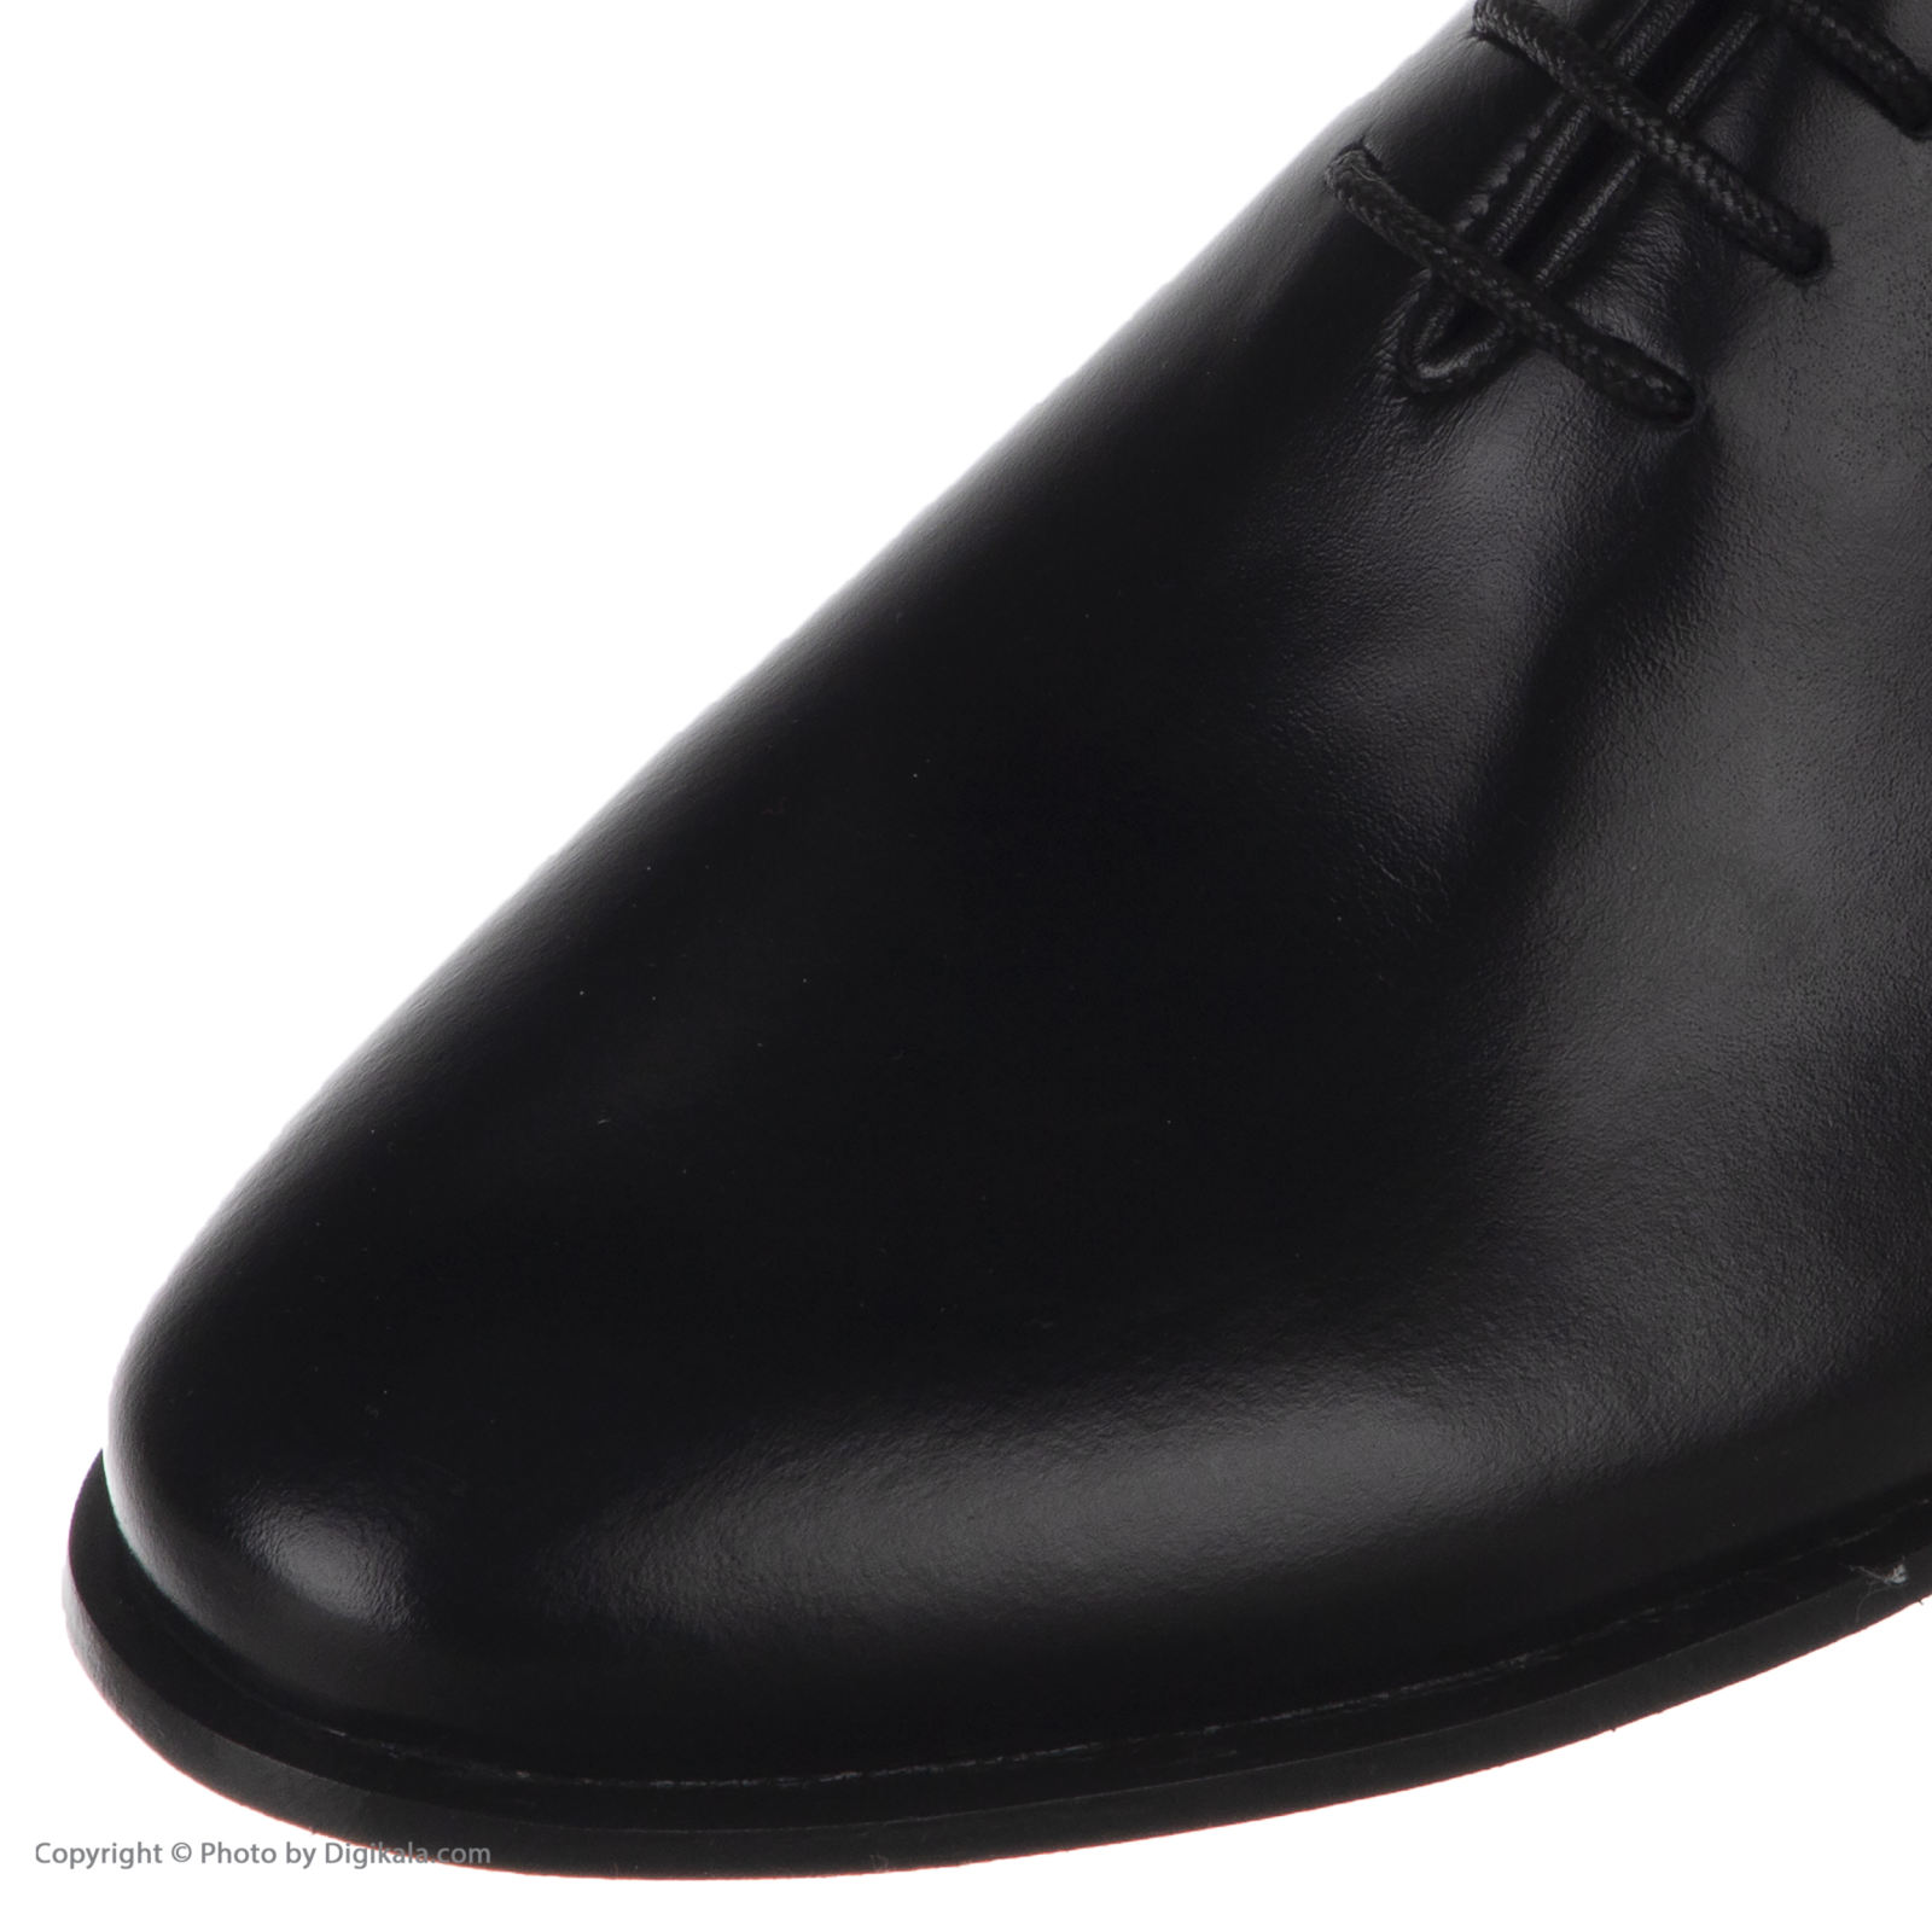 کفش مردانه دگرمان مدل 2101-101 -  - 7